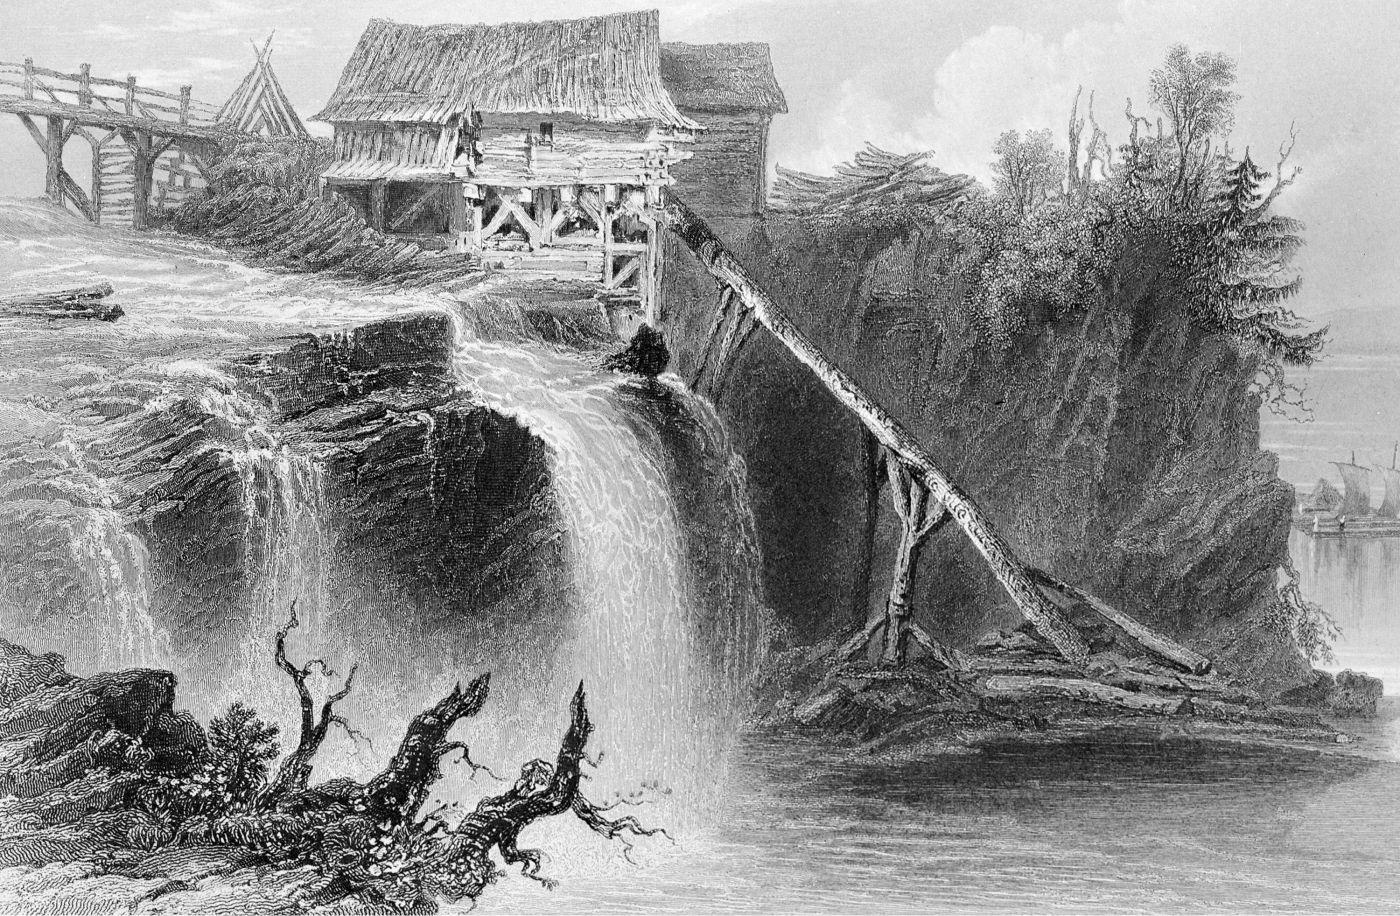 Gravure en noir et blanc d'une petite installation rudimentaire en bois située à proximité de chutes d'eau. Le moulin est situé entre un pont de bois et une falaise boisée.